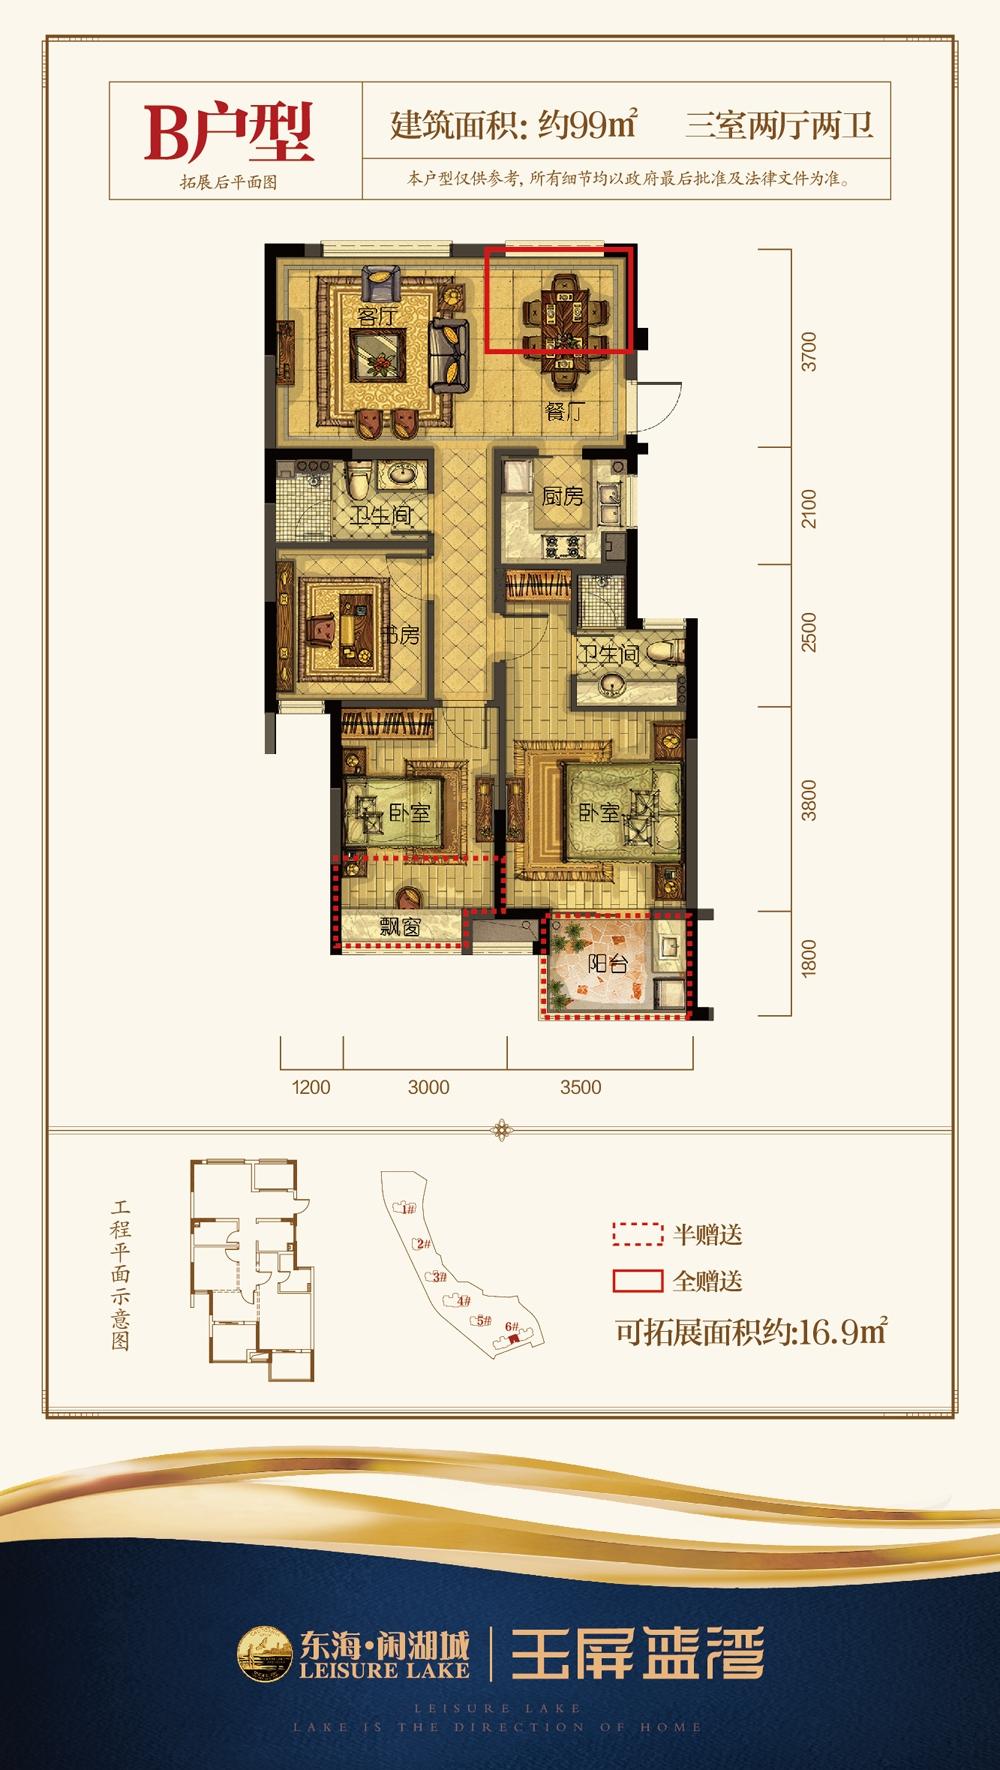 东海闲湖城玉屏蓝湾6号楼99方户型图